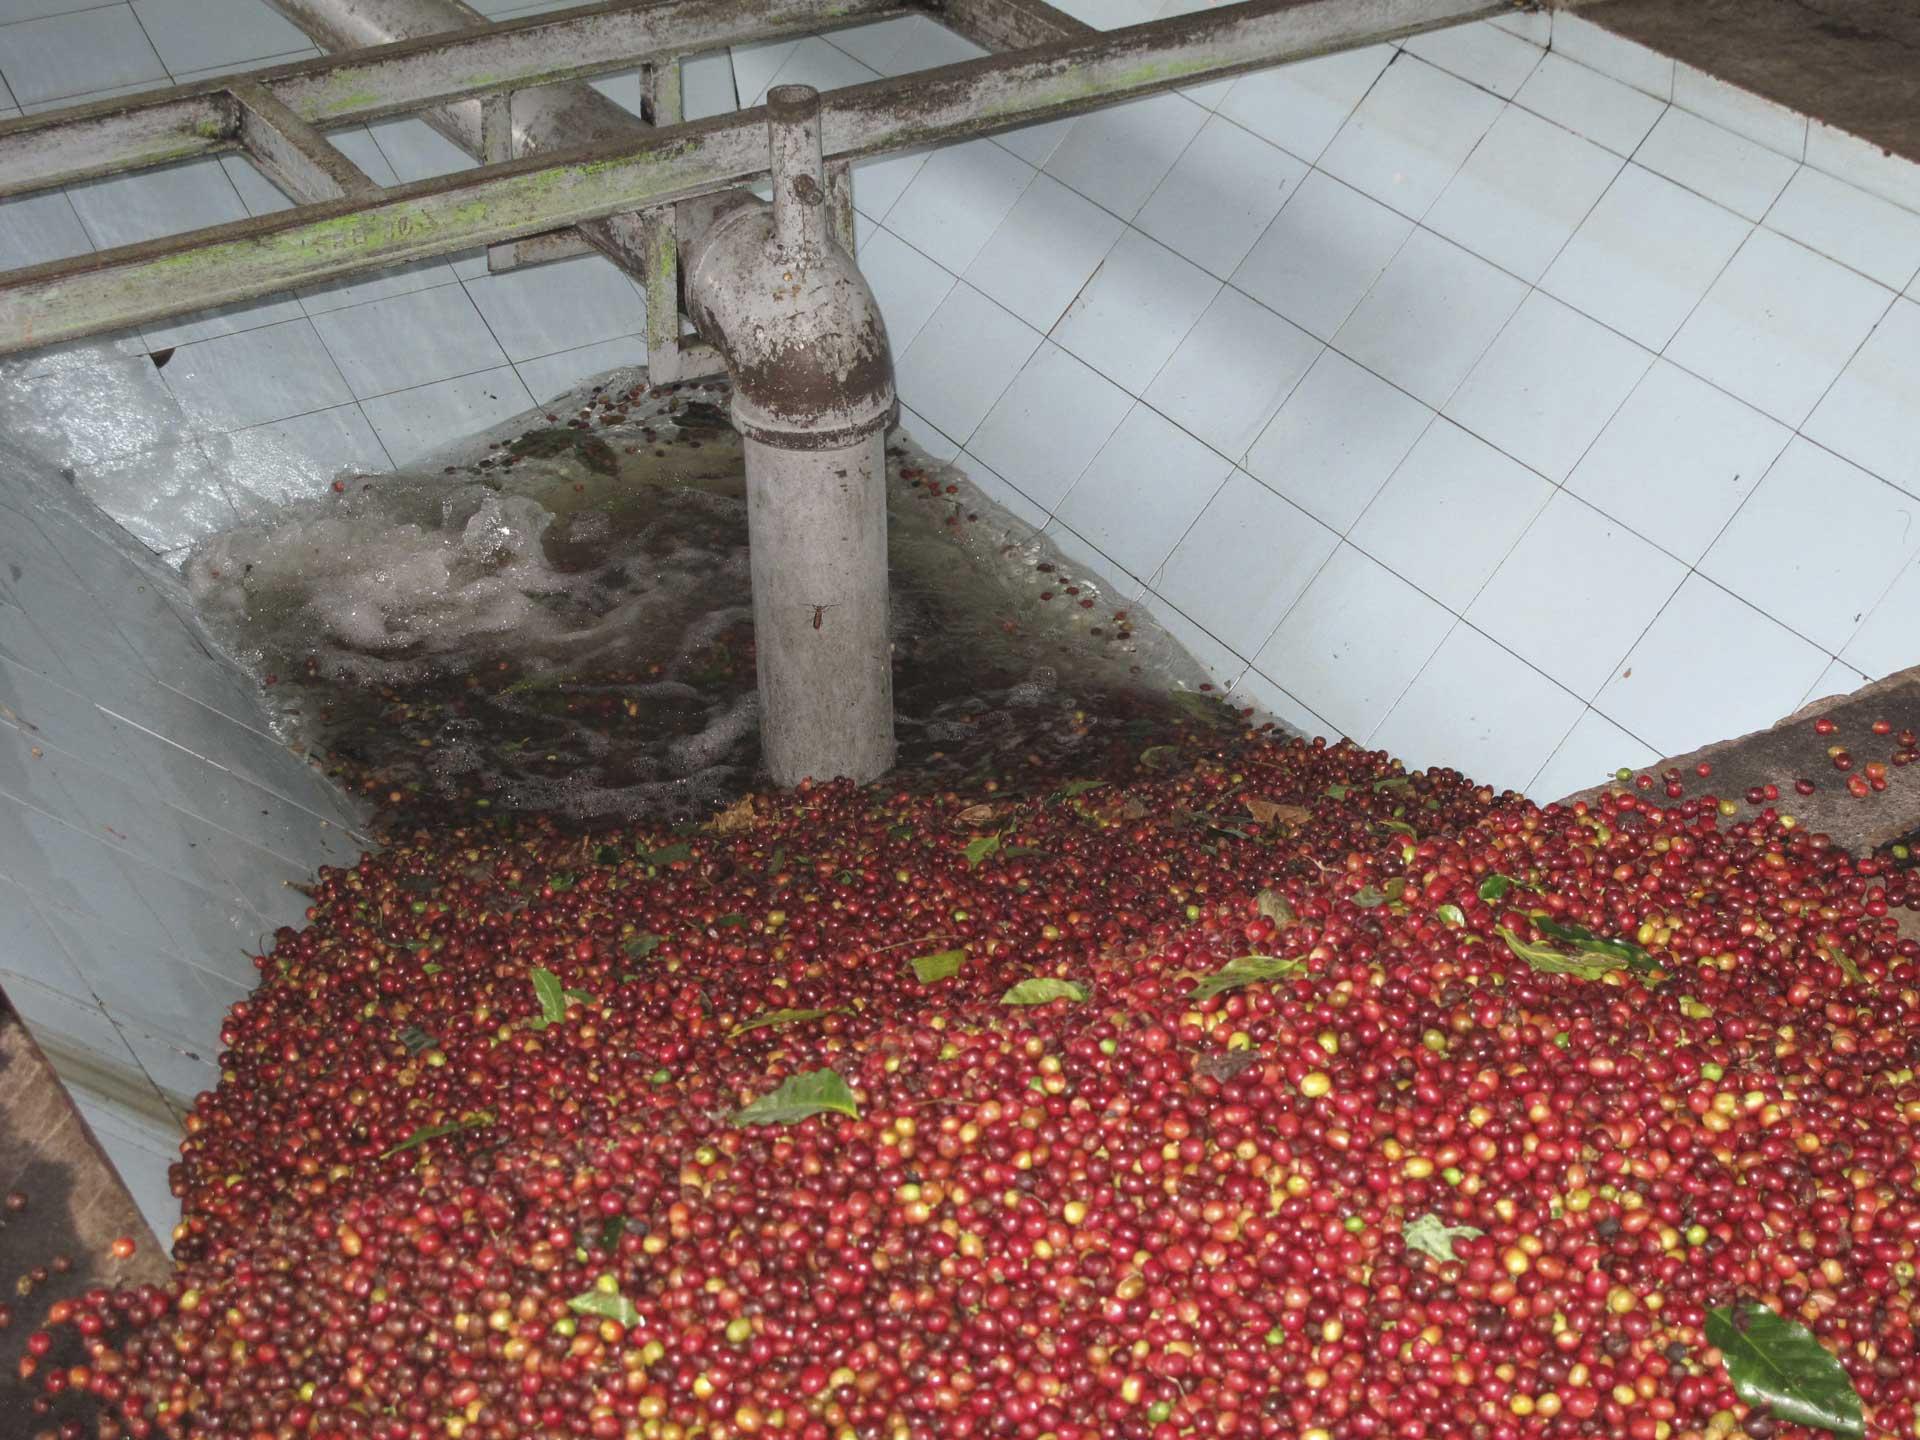 収穫された果実